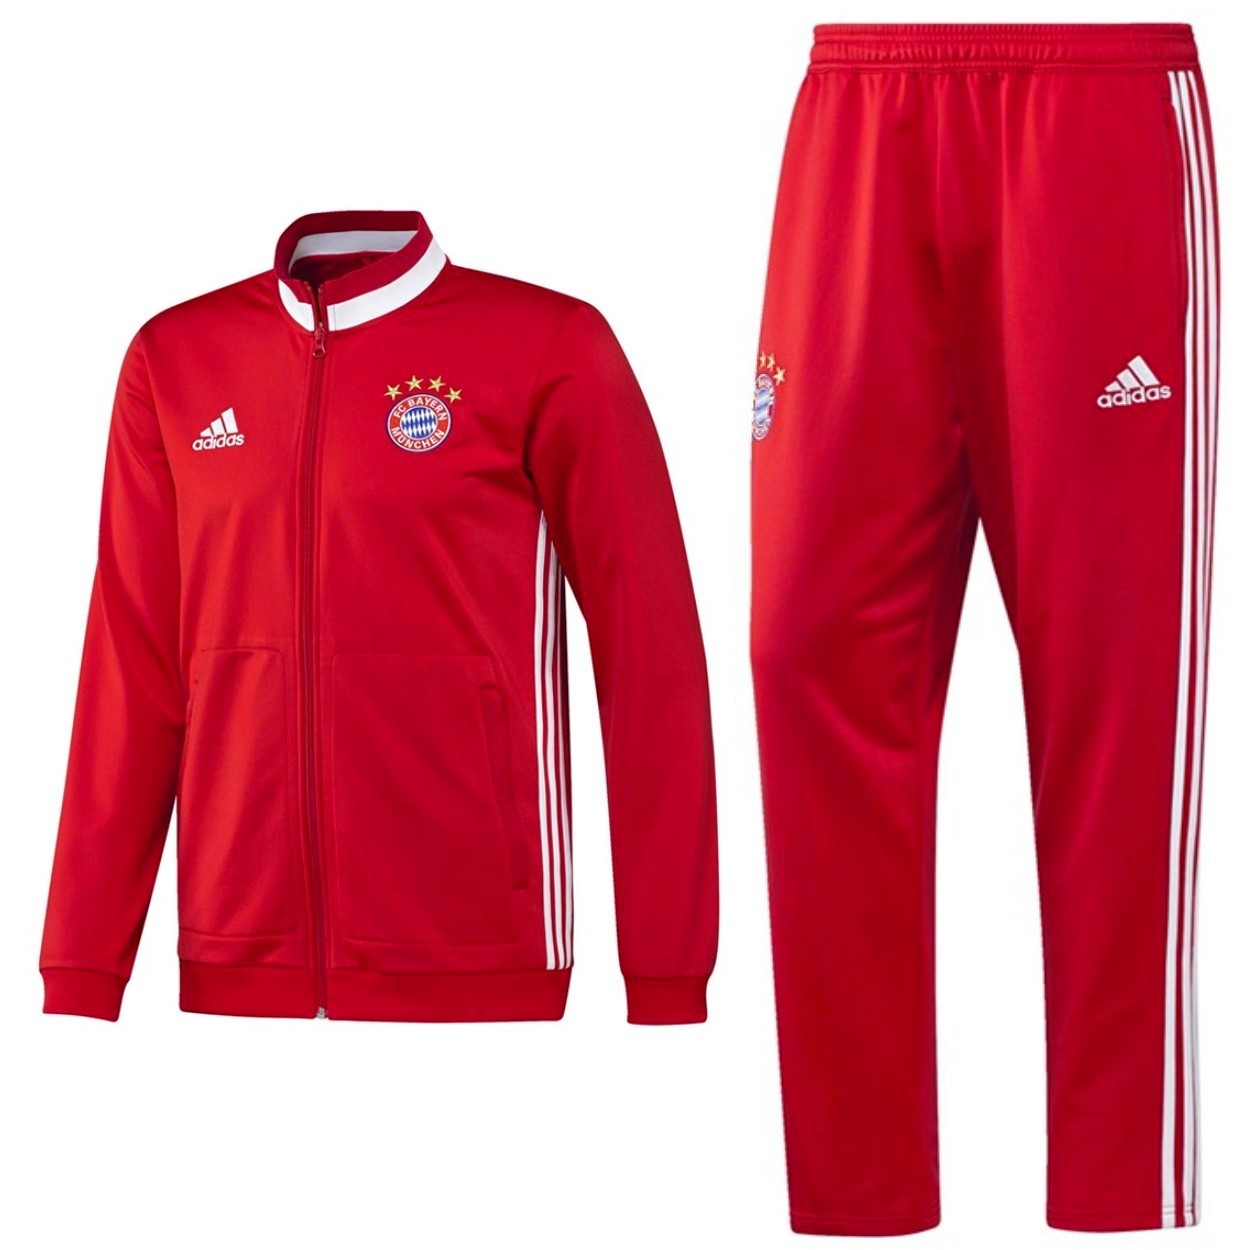 Obbedienza disinfettante Bourgeon  Tuta da allenamento rossa Bayern Monaco 2016/17 - Adidas - SportingPlus.net